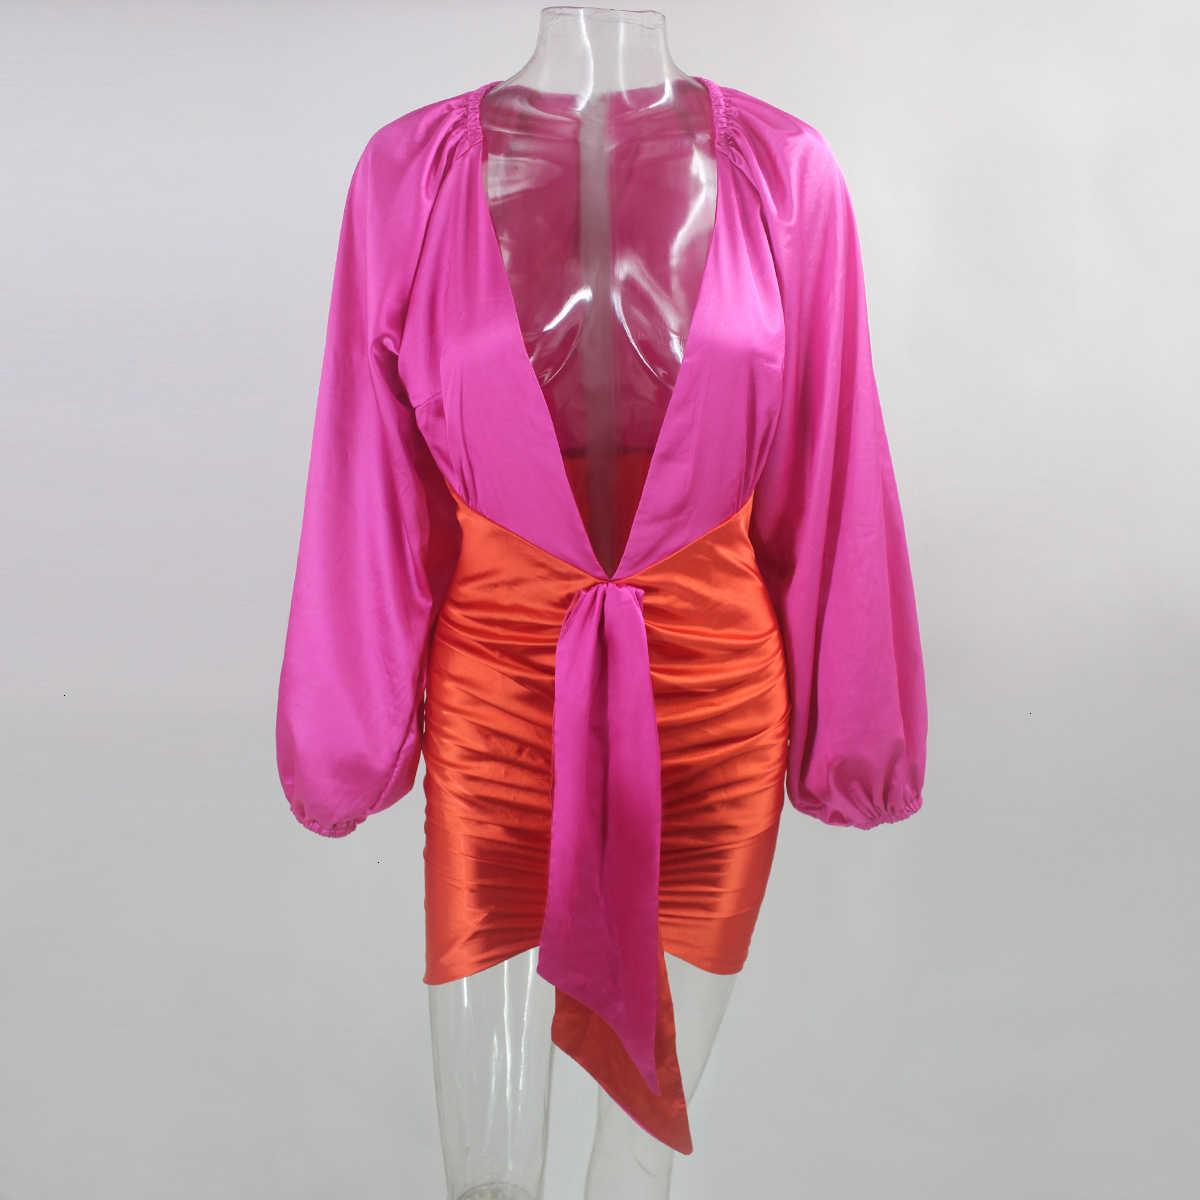 Justchicc, мини Плиссированное Бандажное платье, женское сексуальное платье с глубоким v-образным вырезом, на молнии, Осеннее облегающее платье с рукавом-фонариком, Клубные вечерние платья